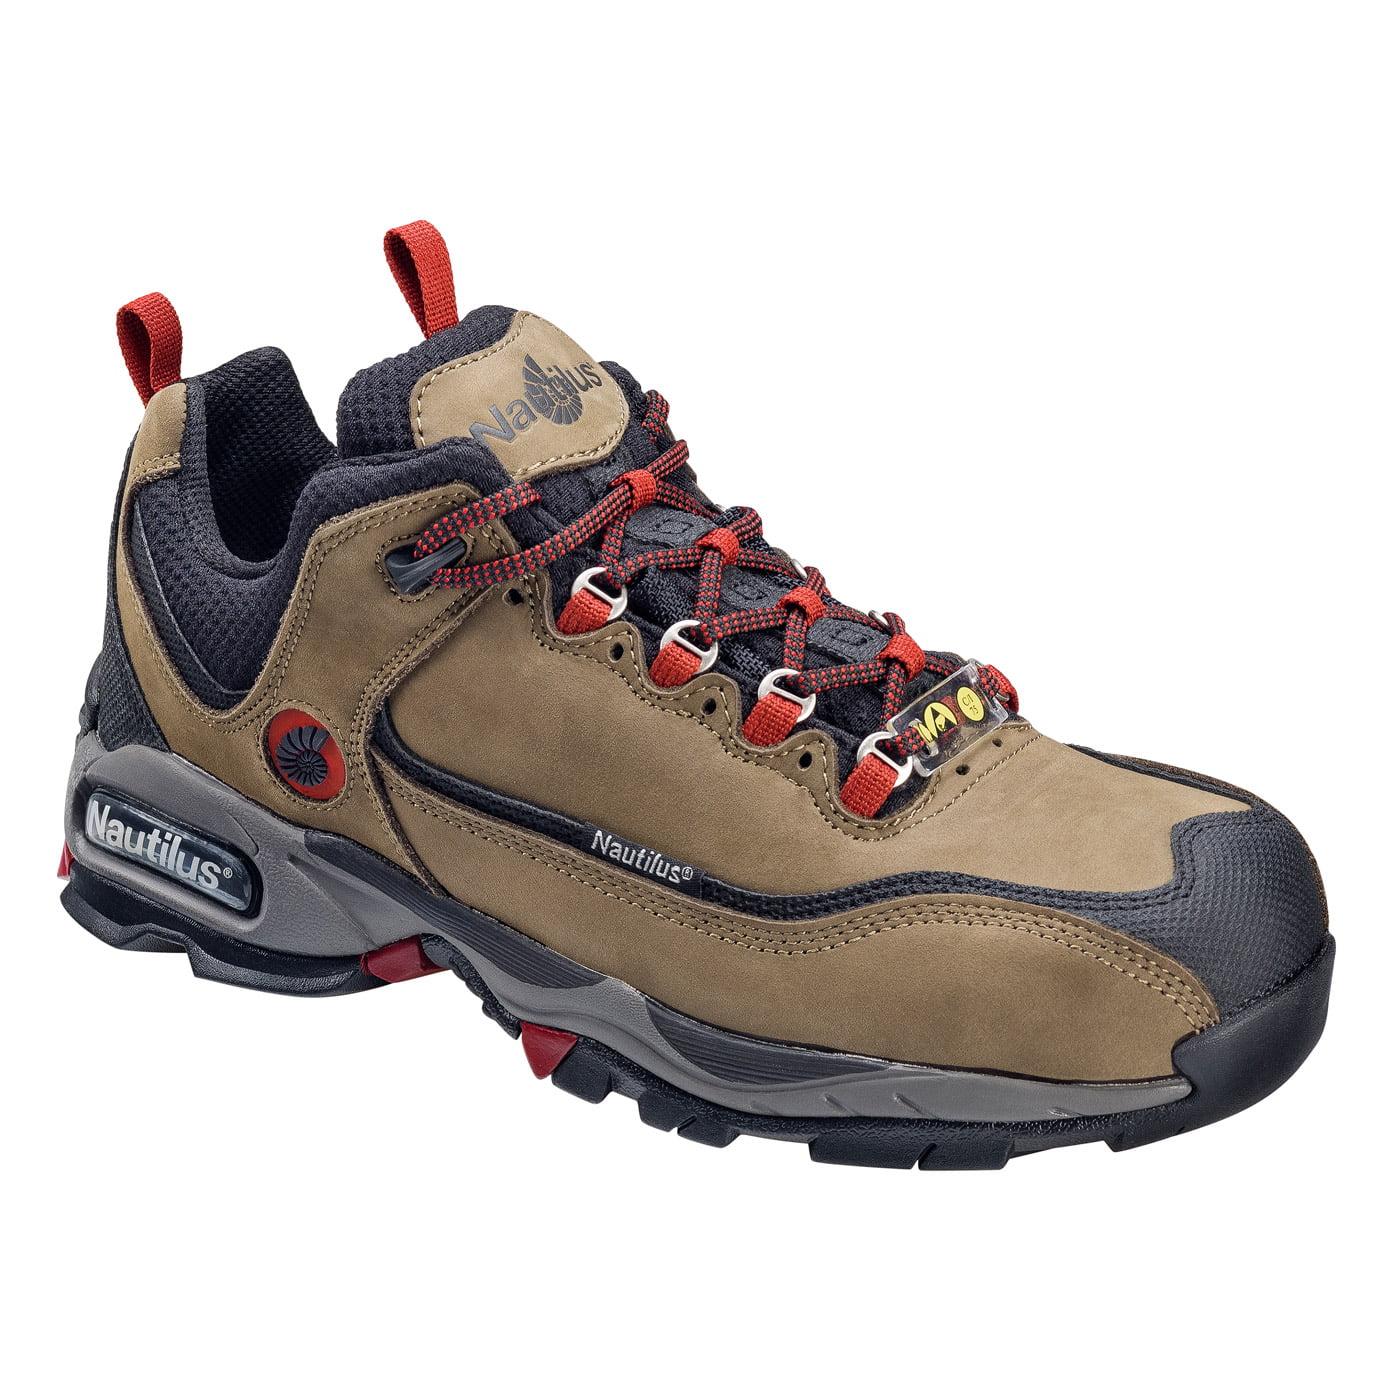 ESD Steel Toe Safety Shoe - Walmart